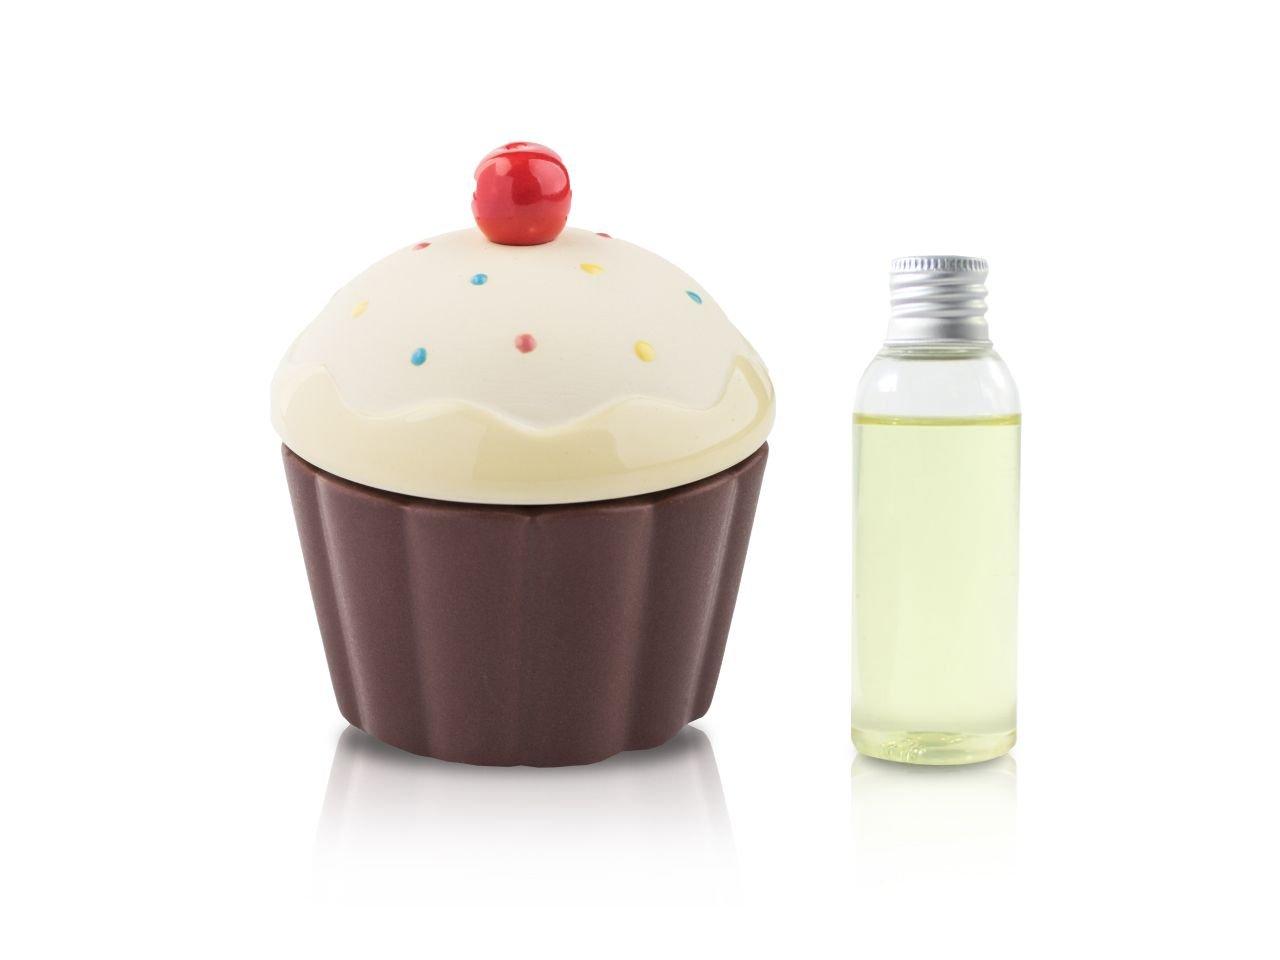 Diffusore Ambiente Cup Cake Giallo Onda 50 Ml - v1